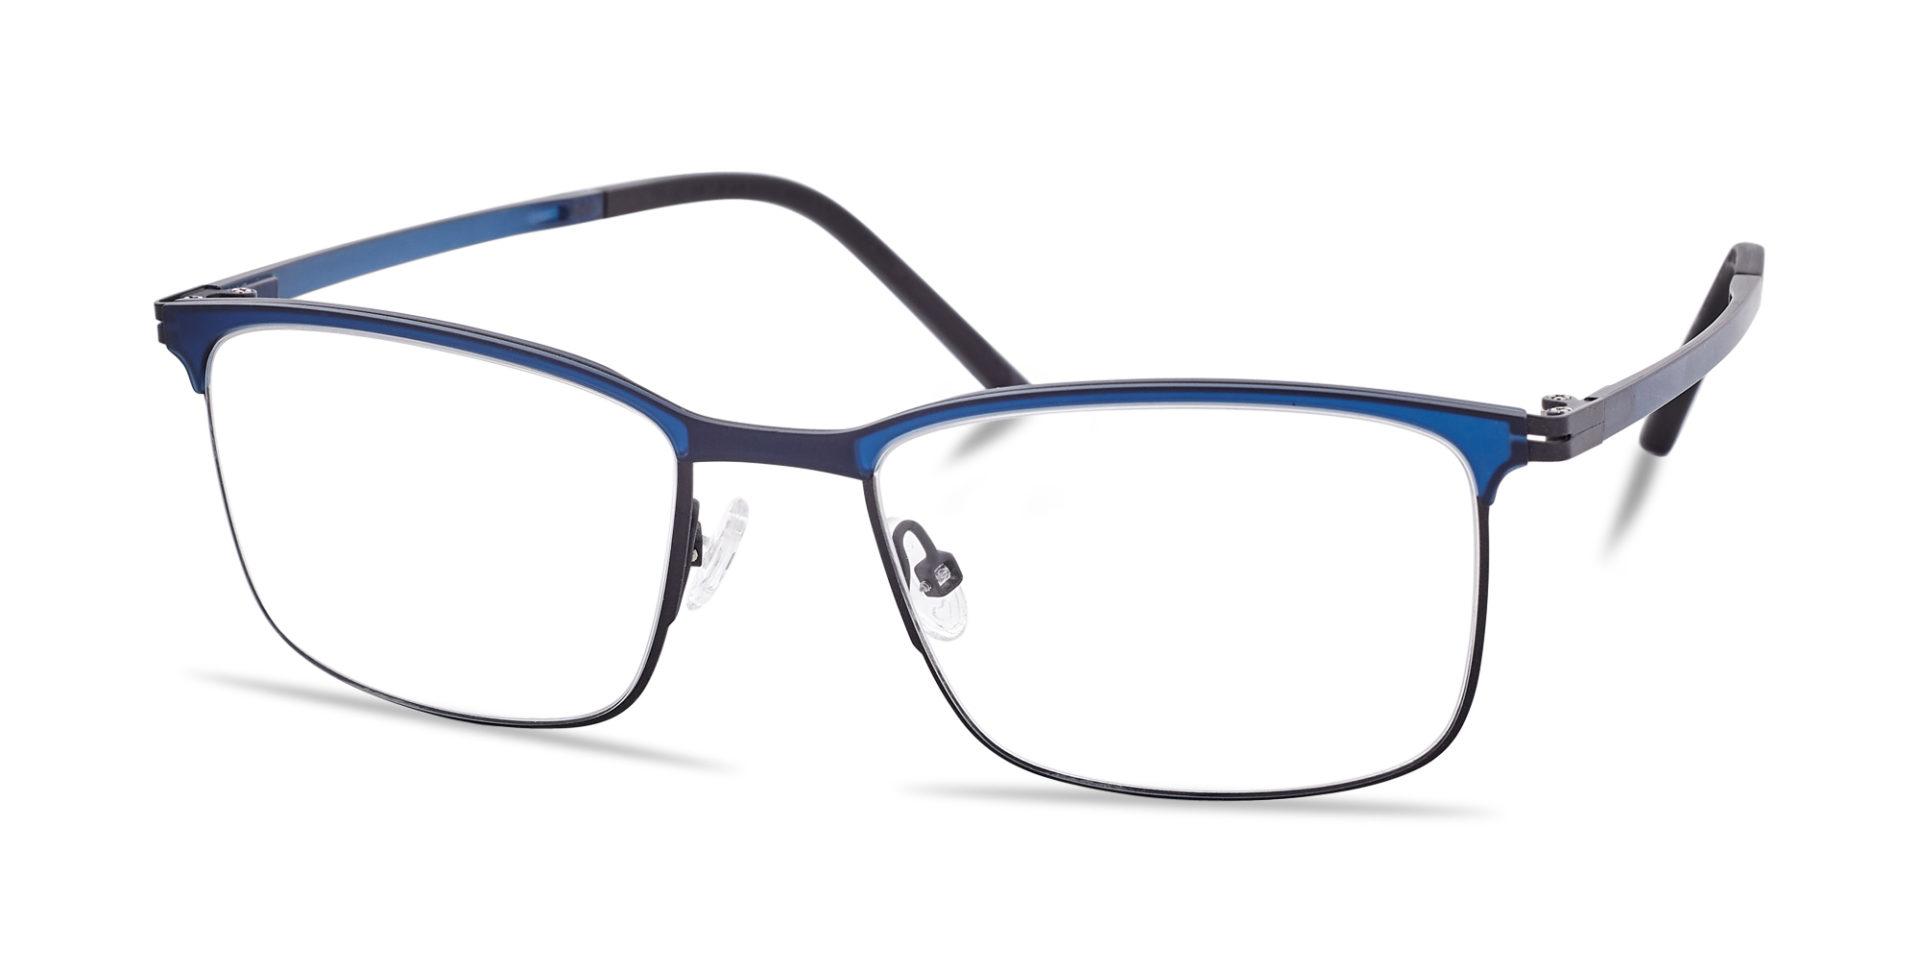 imago brille in muenchen - Imago i-spax Brillen München